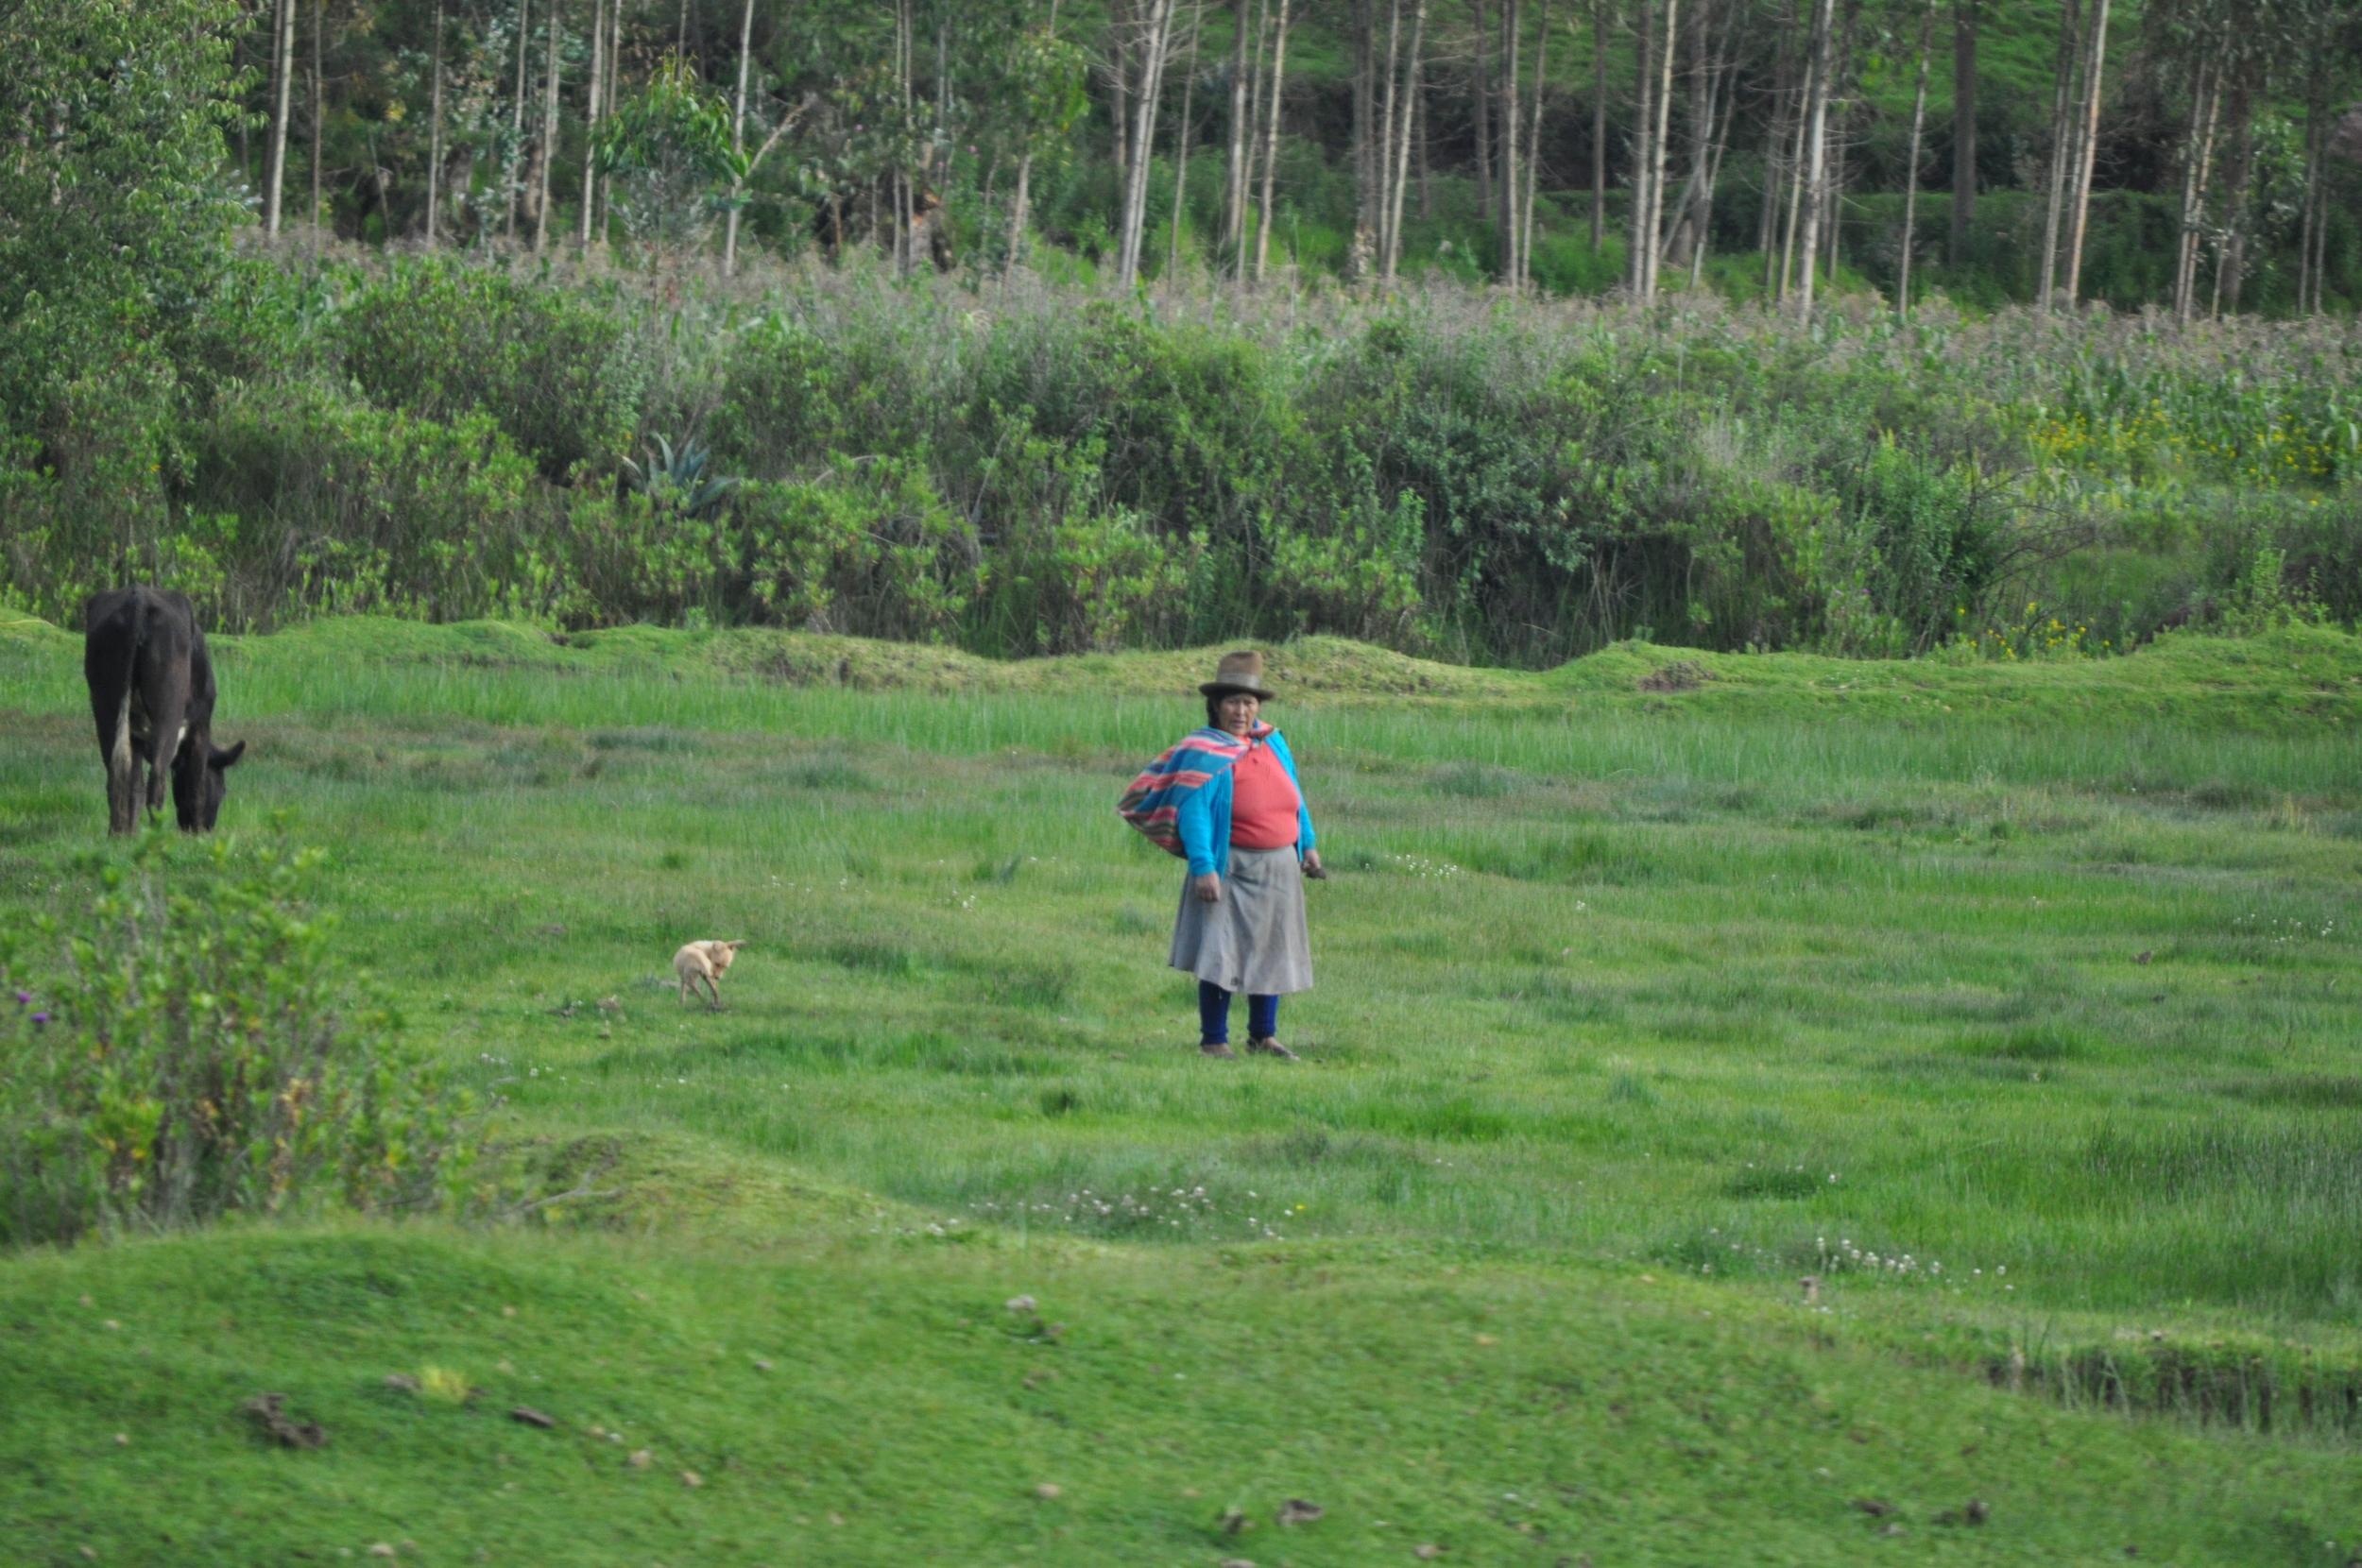 Mujeres, niños y hombres trabajando en la tierra. Foto: Pamy Rojas